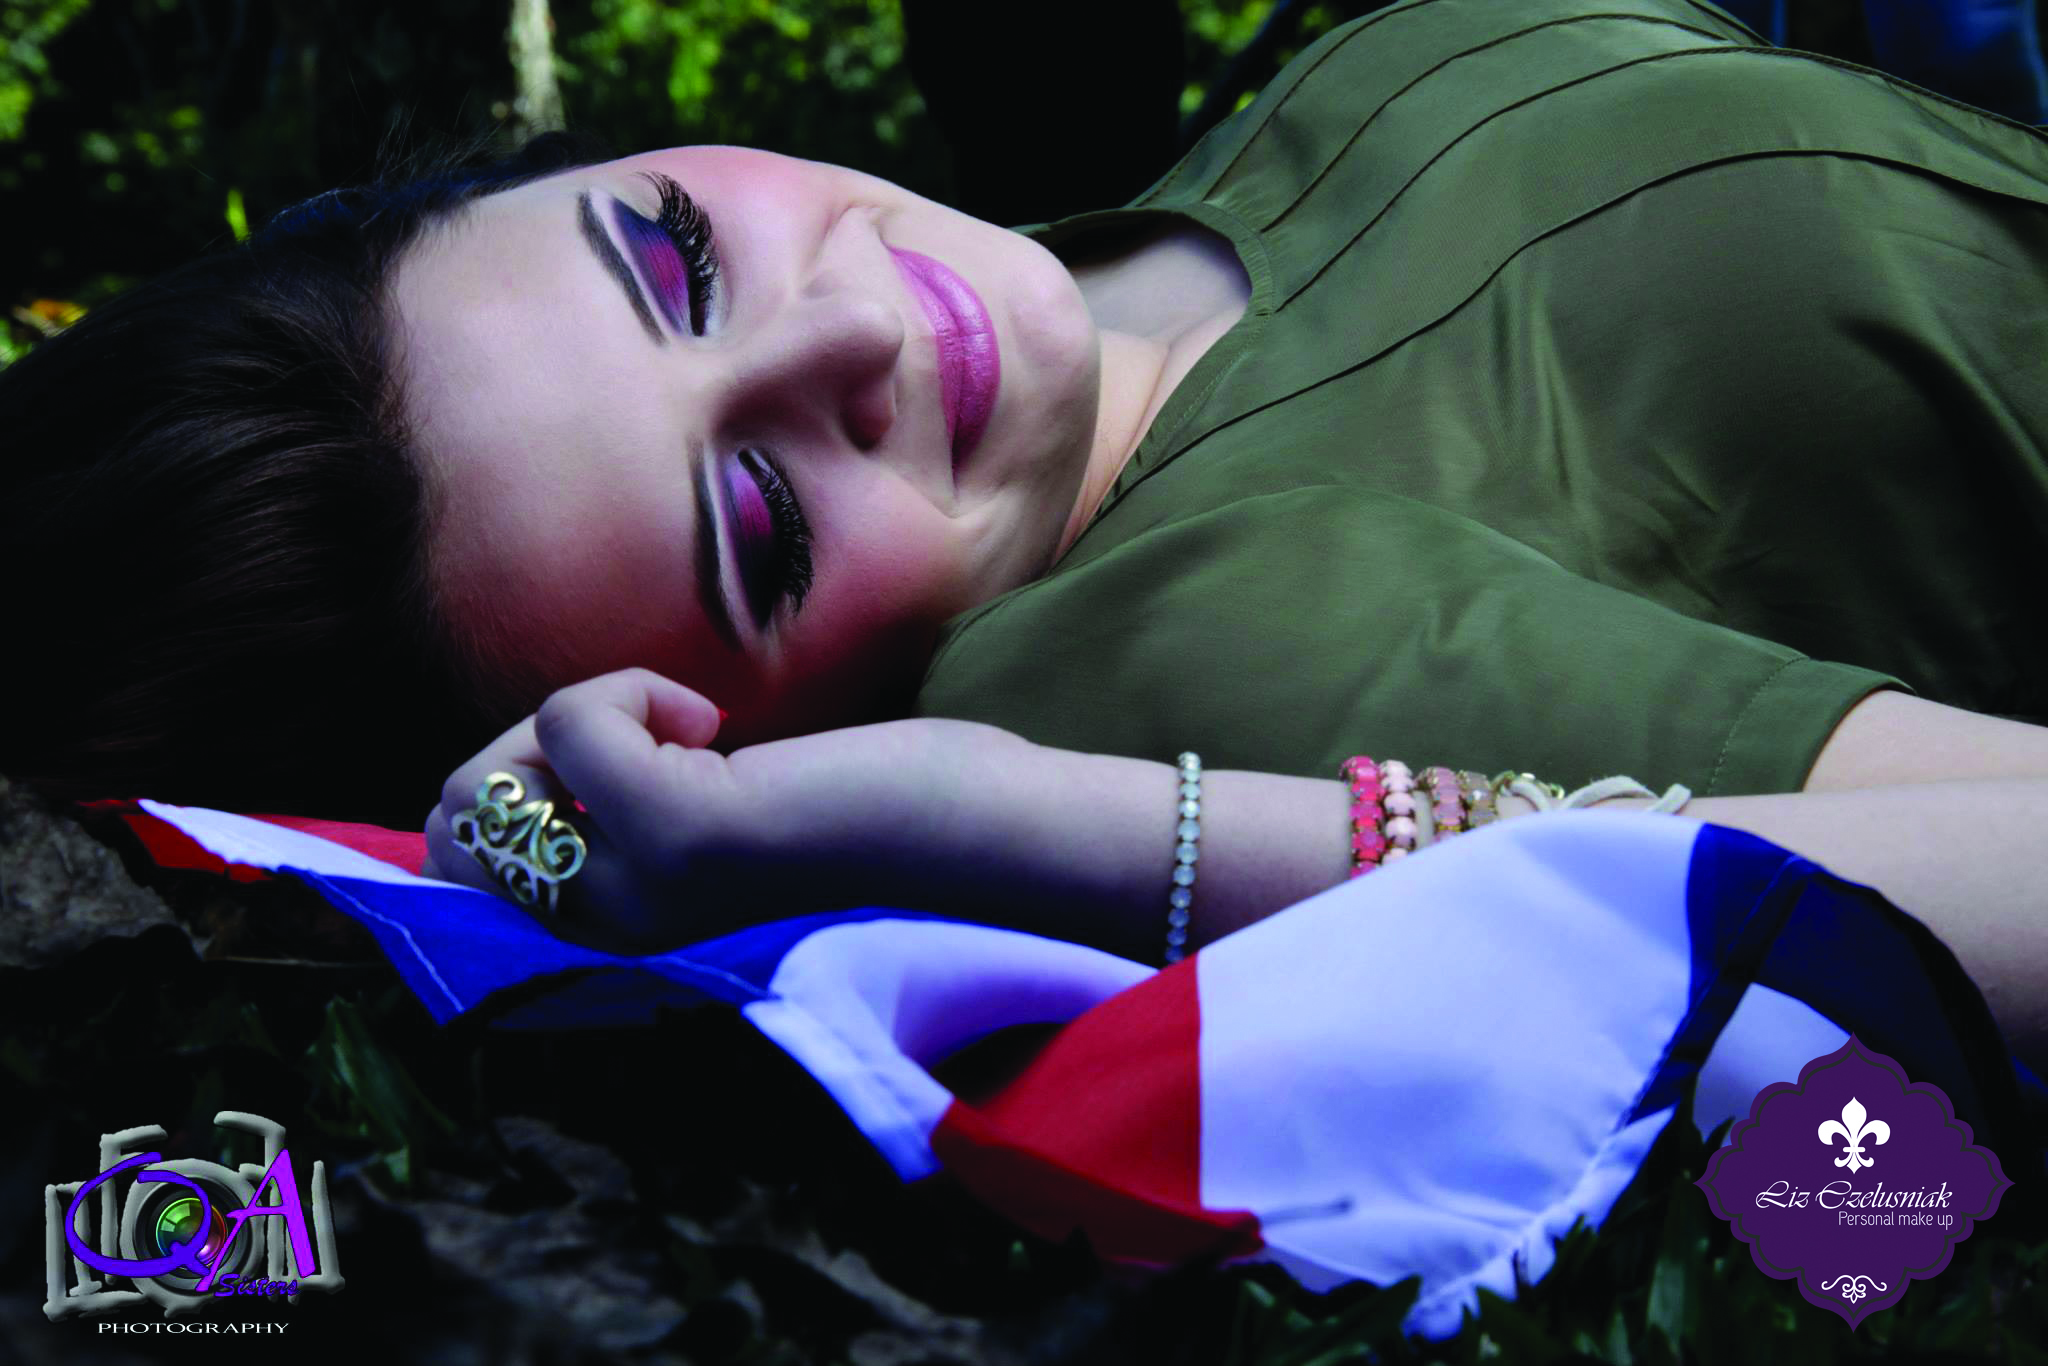 Trash  the dress - 15 anos / Make e Hair By Liz Czelusniak Make#cores#da#bandeira#azul#vermelho#branco#Ensaio#15Anos#MakePenteado#by#LizCzelusniak maquiagem  maquiador(a) cabeleireiro(a) designer de sobrancelhas